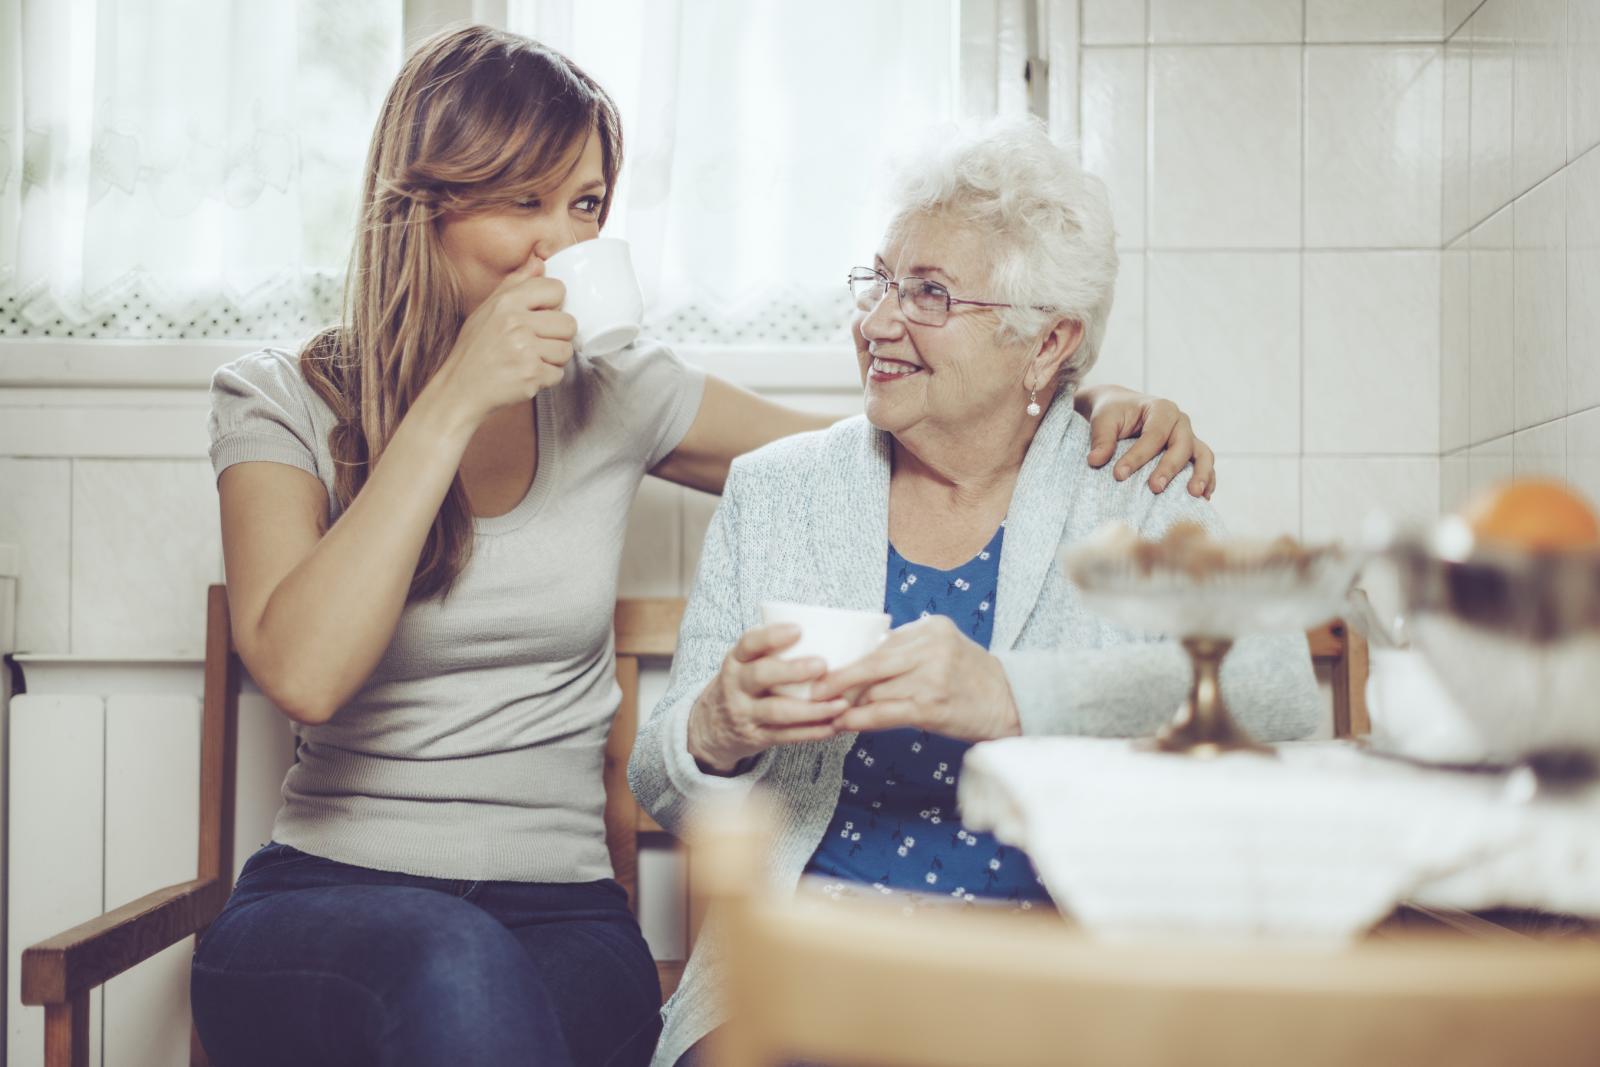 Naše bake i mame pune su praktičnih savjeta. Iskoristite i vi prigodu pa ih pri sljedećem susretu pitajte da vam otkriju još poneki trik.